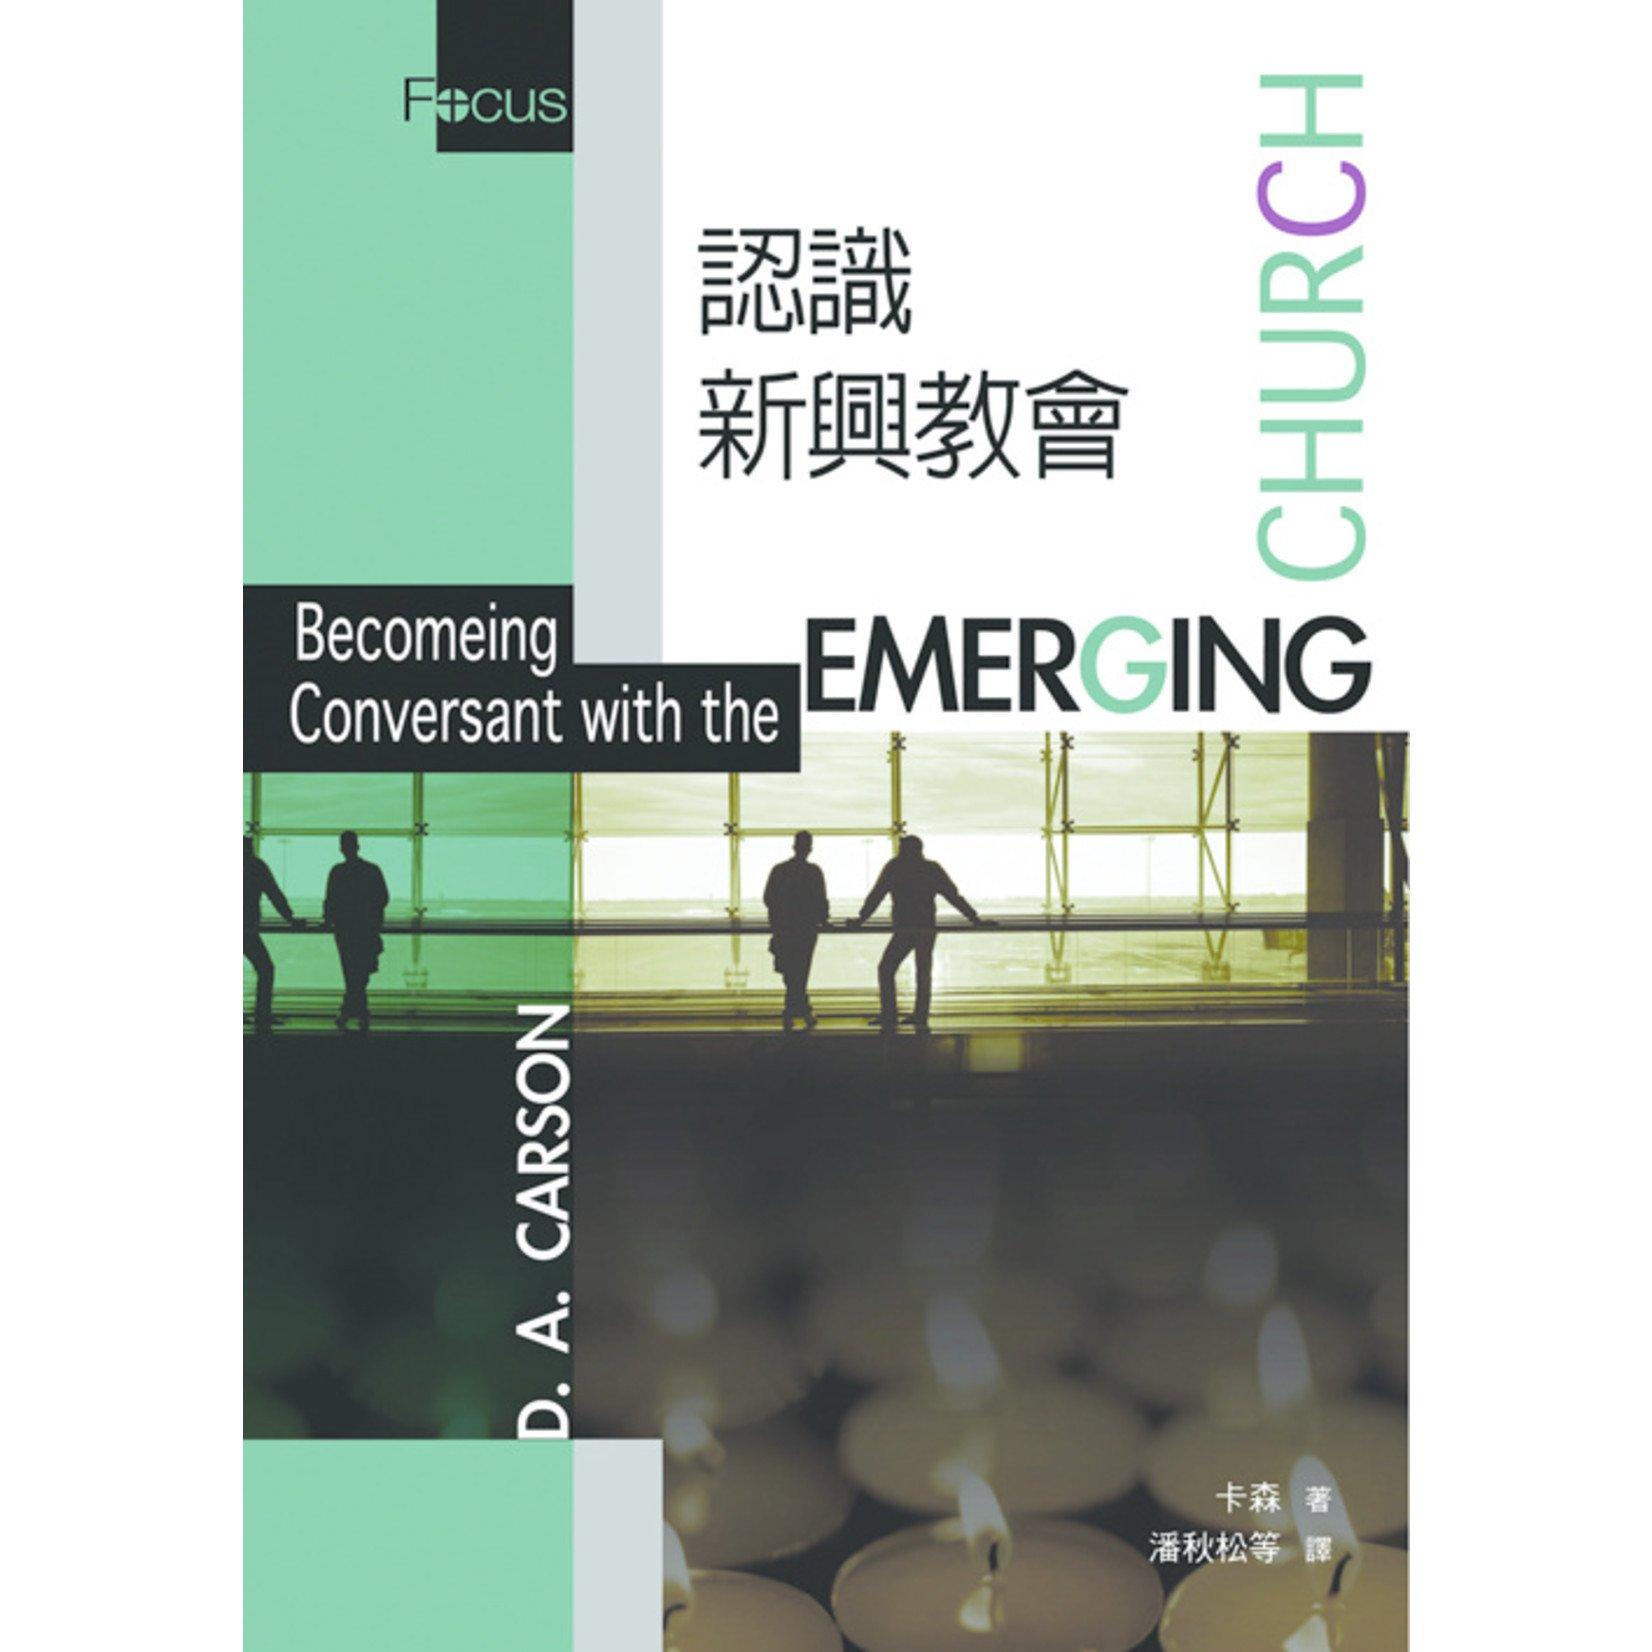 美國麥種傳道會 AKOWCM 認識新興教會 Becoming Conversant with Emerging Church